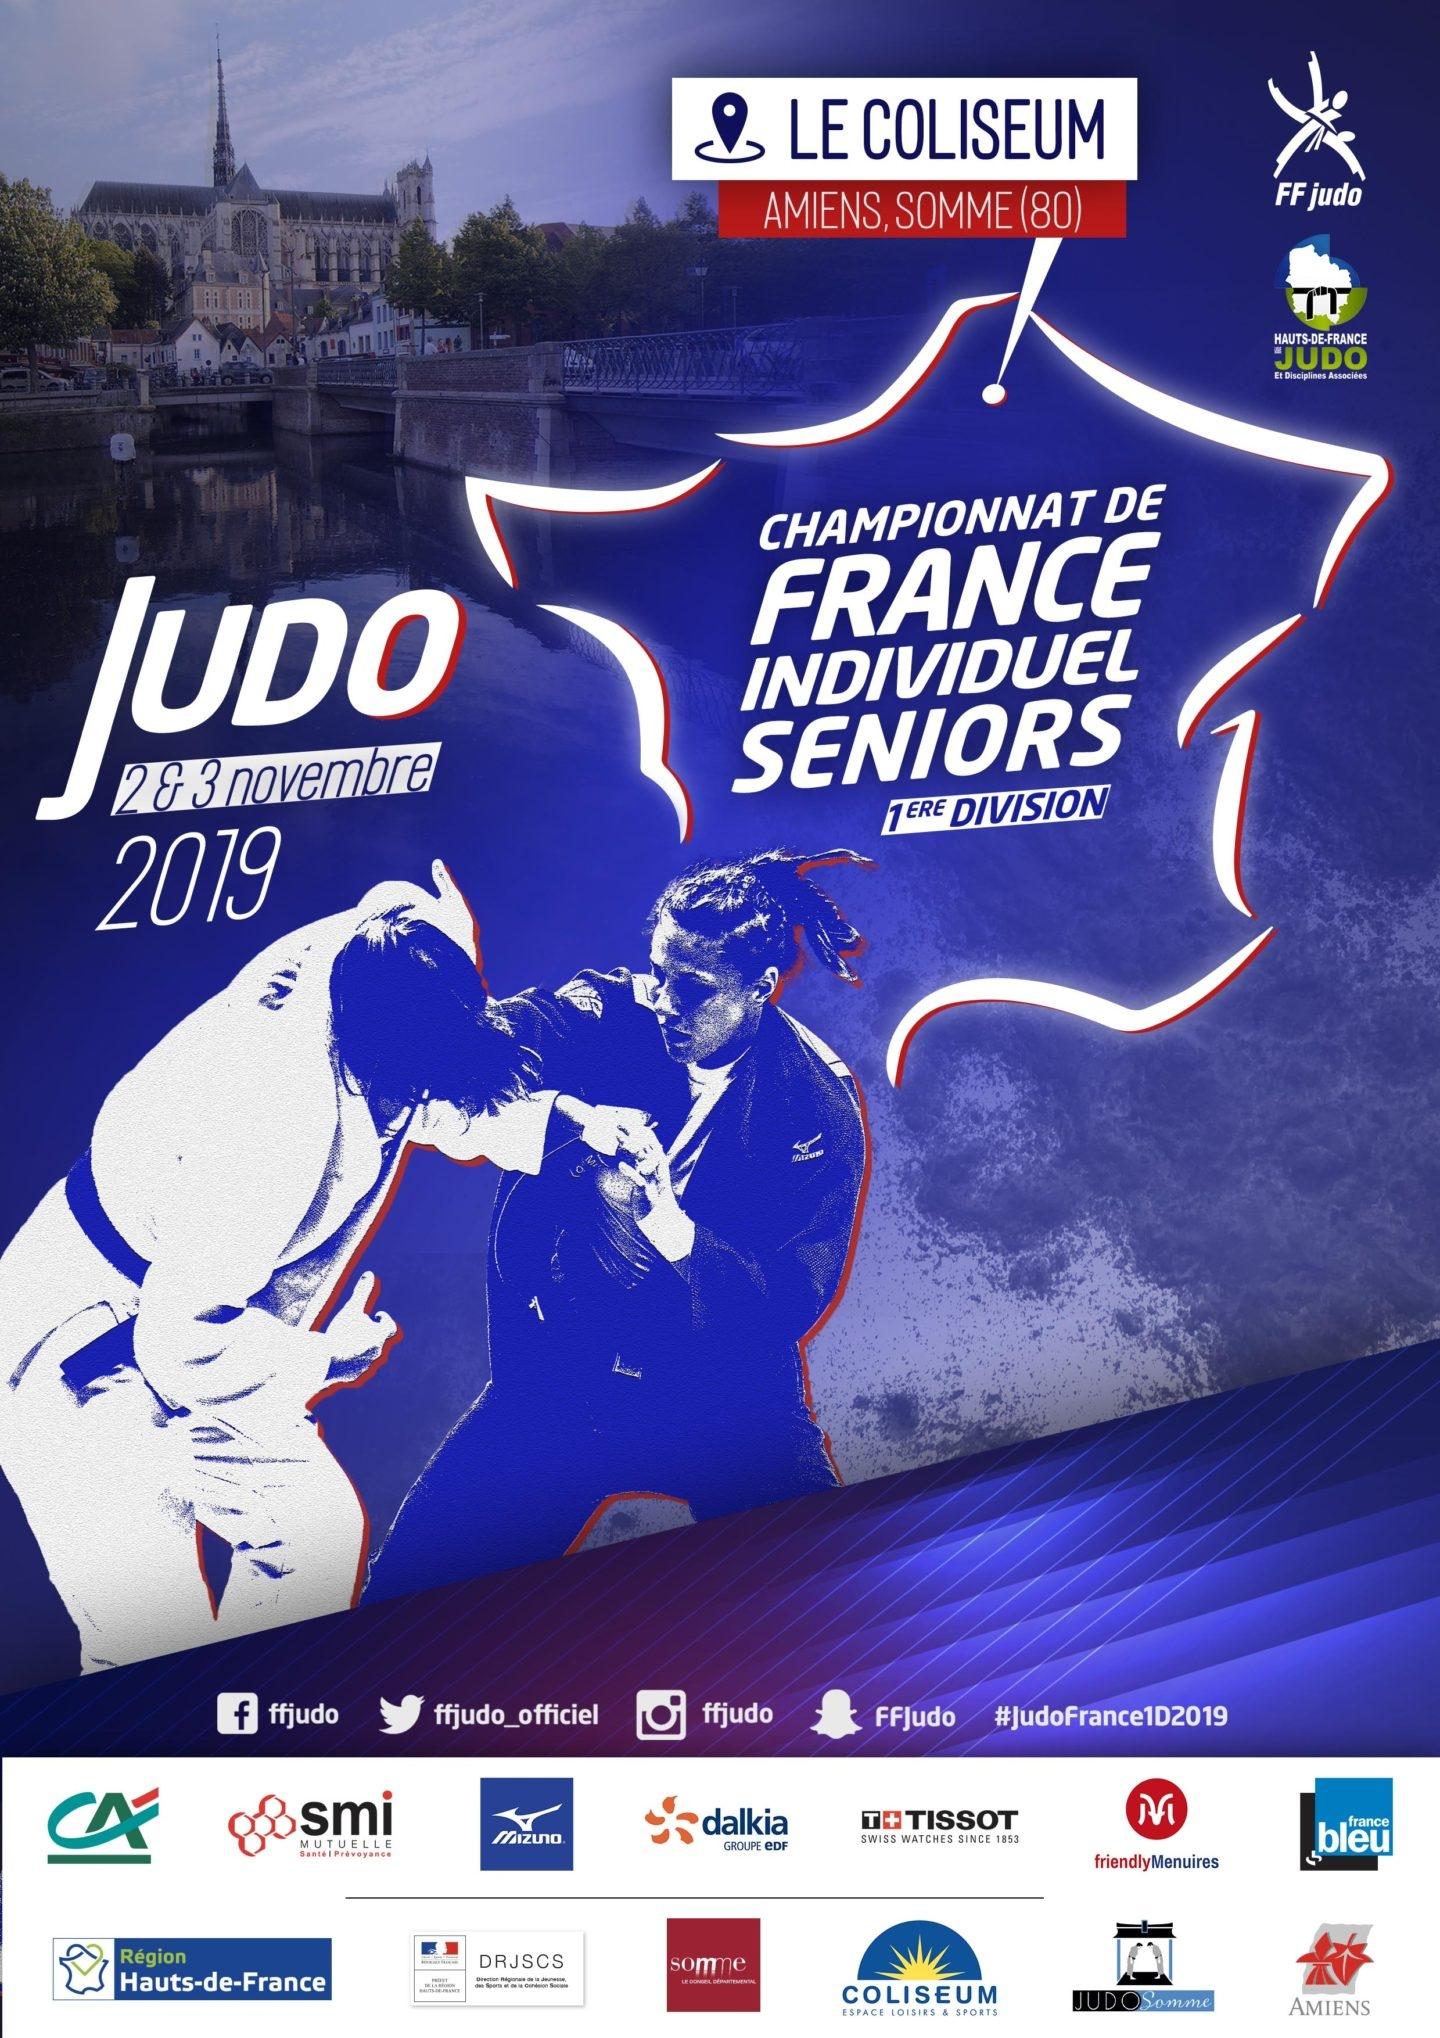 France Séniors 1ère Division - Amiens 2019